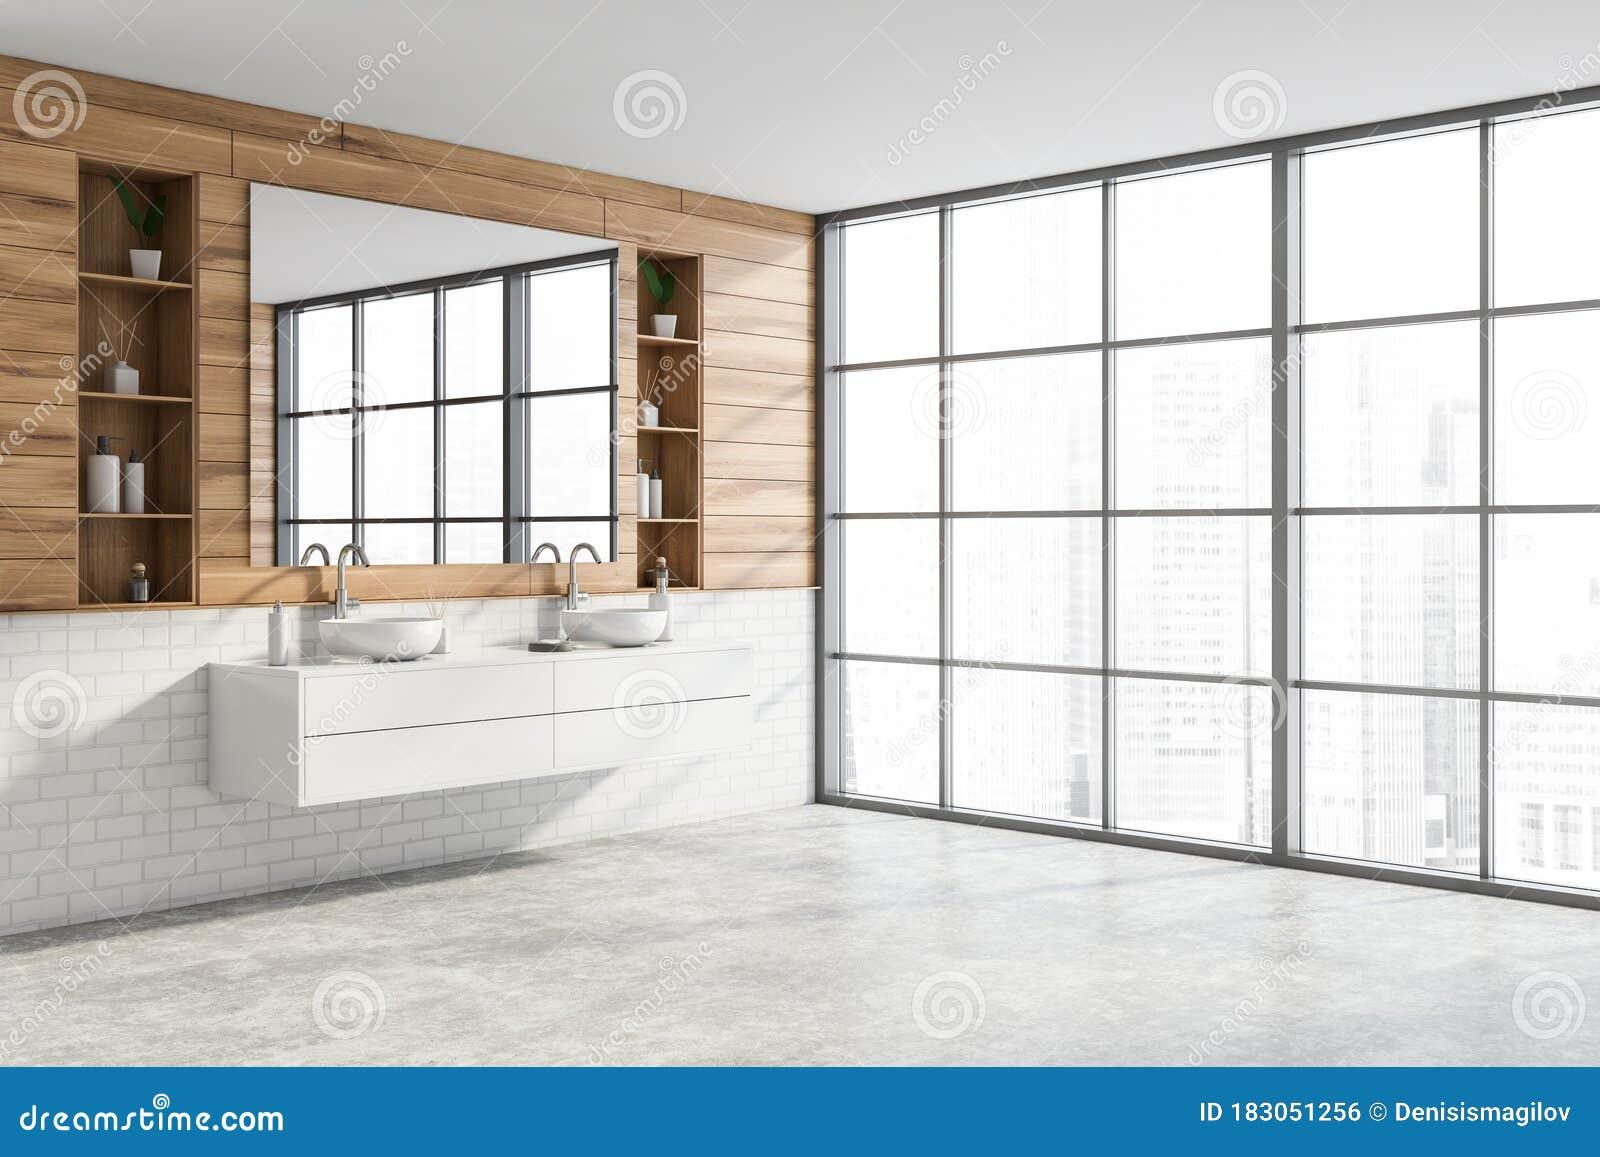 Wooden Bathroom Corner With Double Sink Stock Illustration Illustration Of Floor Illustration 183051256